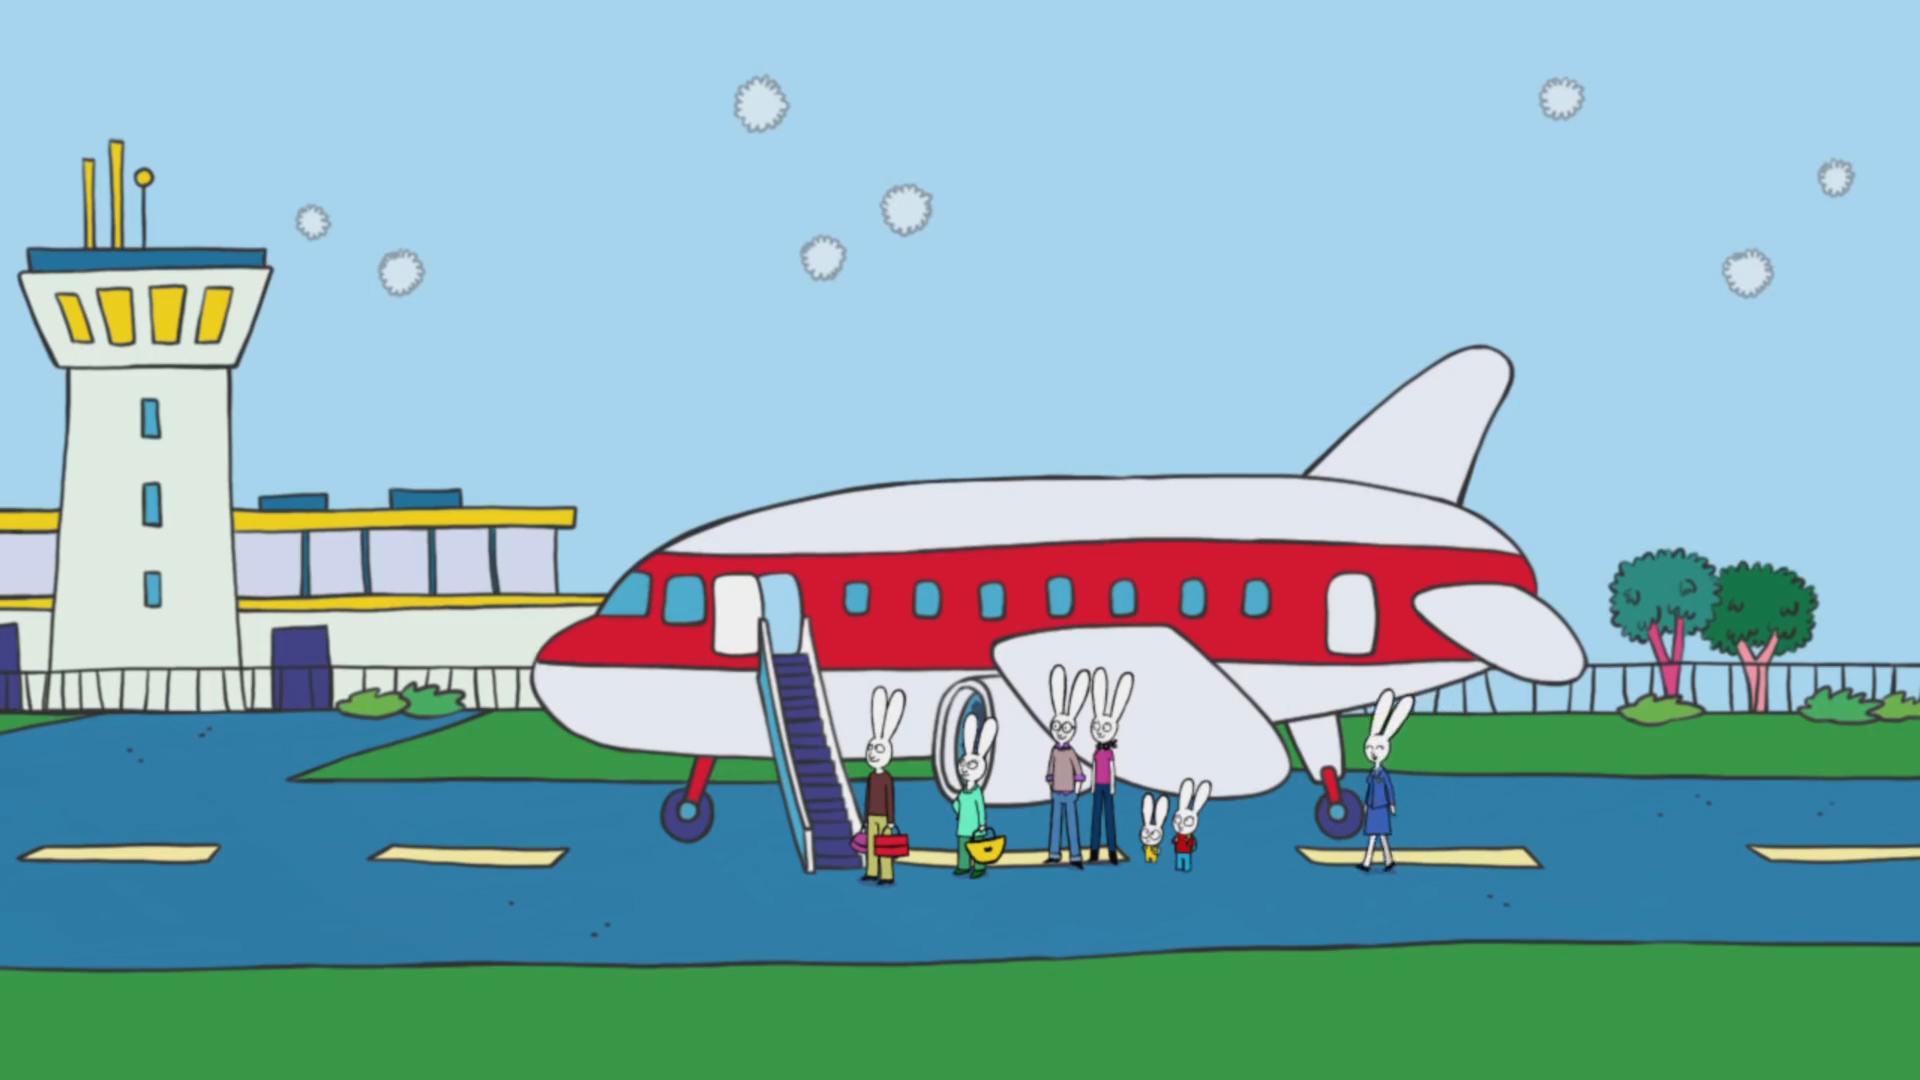 [1] Simon - In the aeroplane